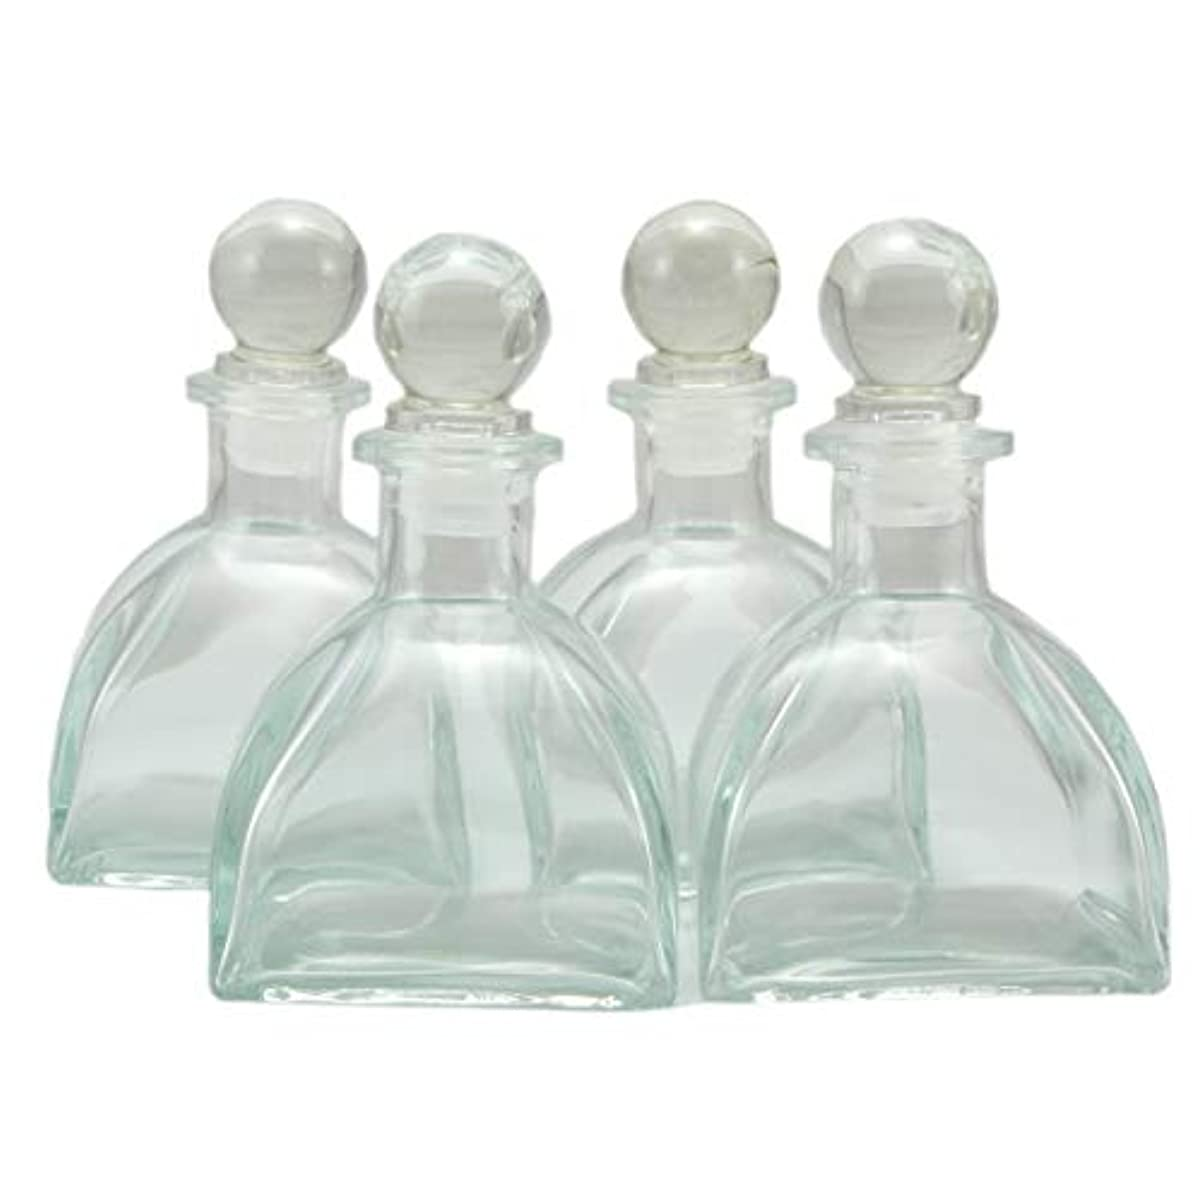 例外日没情熱4本セット高級アロマ精油拡散ボトル、オフィス、ショップ、ホーム高品位アロマガラスボトル、150mlアロマエッセンシャルオイルガラスボトル